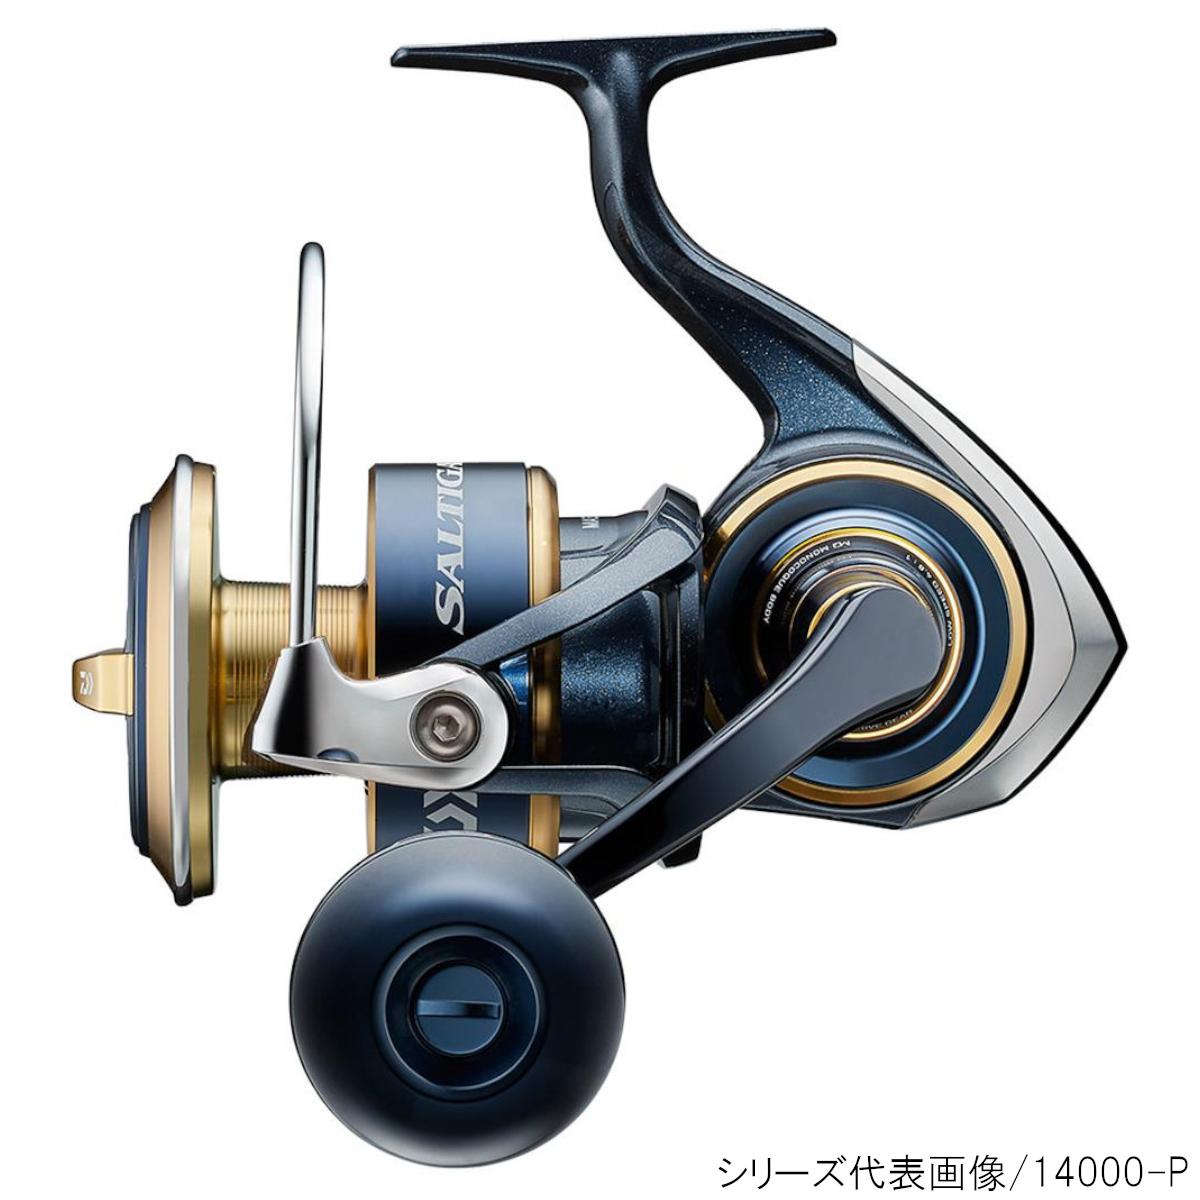 ダイワ ソルティガ 8000-P